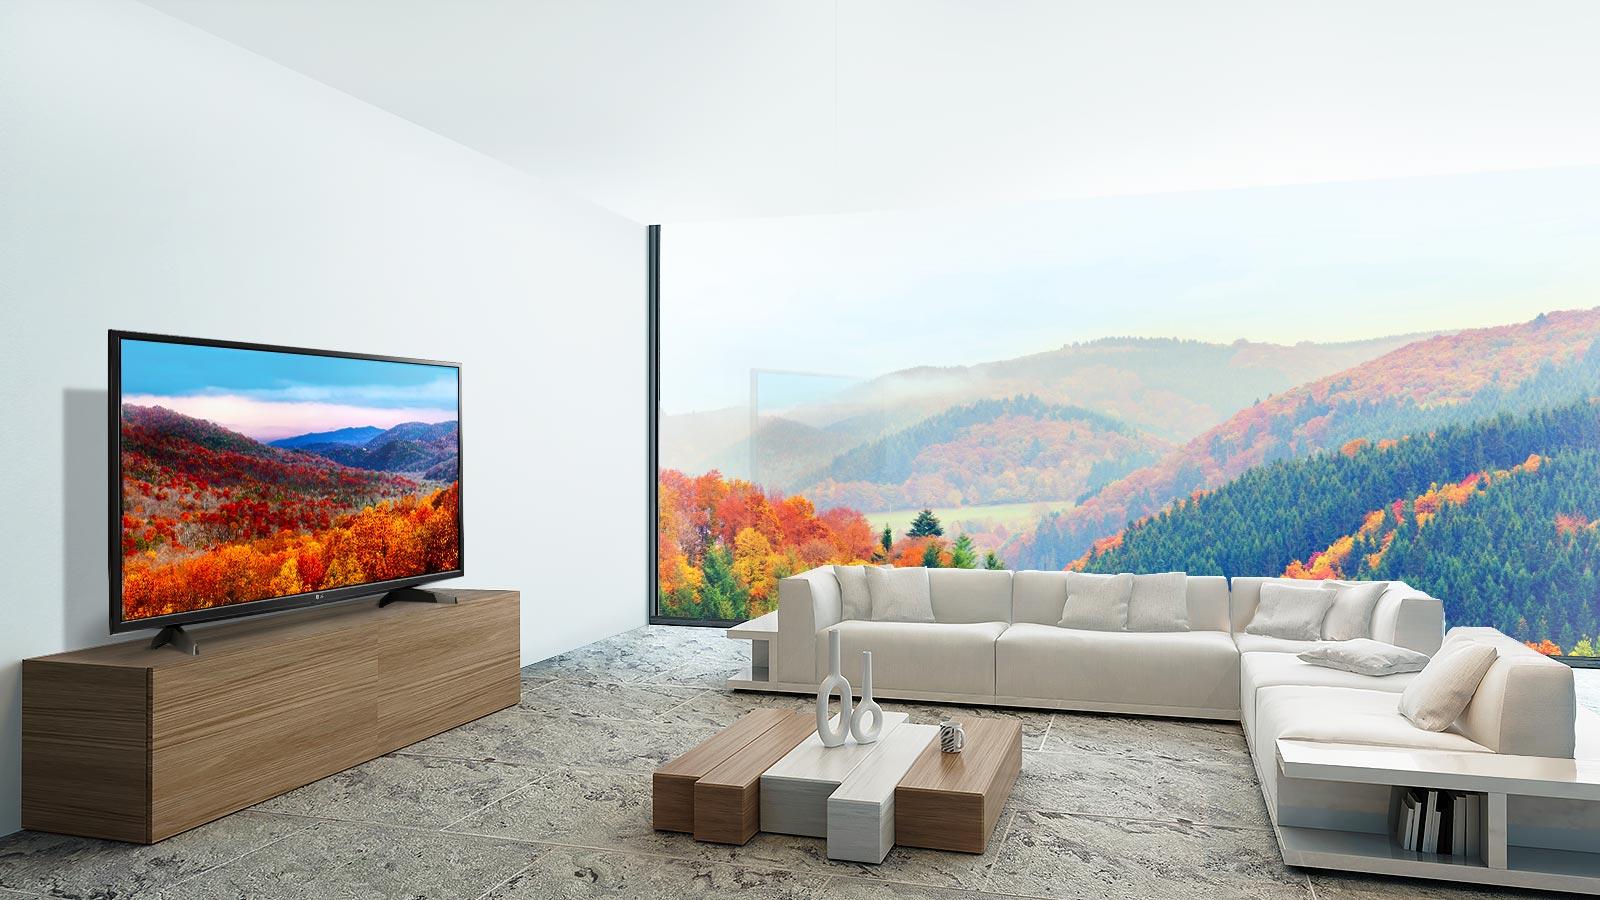 قیمت تلویزیون 49 ال جی مدل 49LK5730